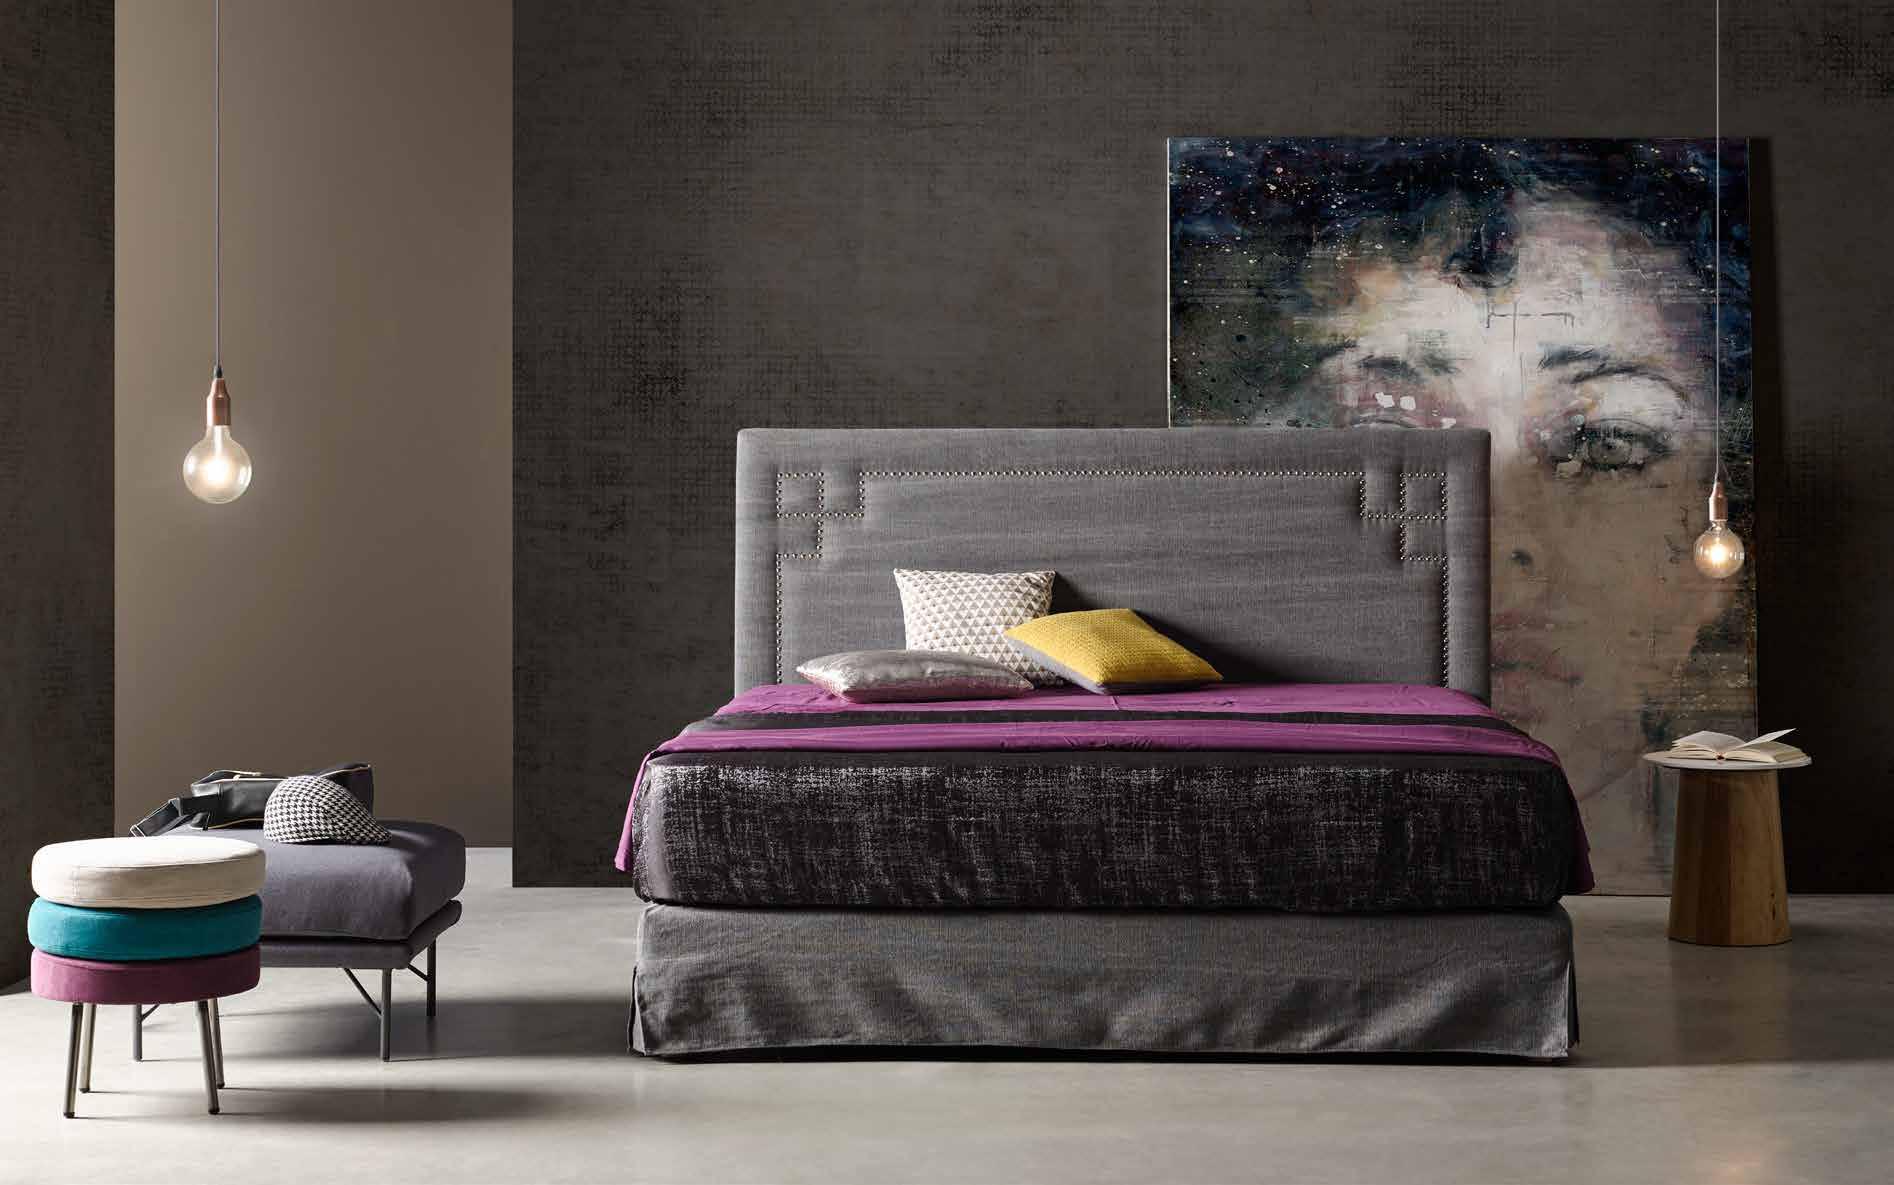 cabeceros-tapizados-muebles-paco-caballero-1837-5c8fd84d30cbb